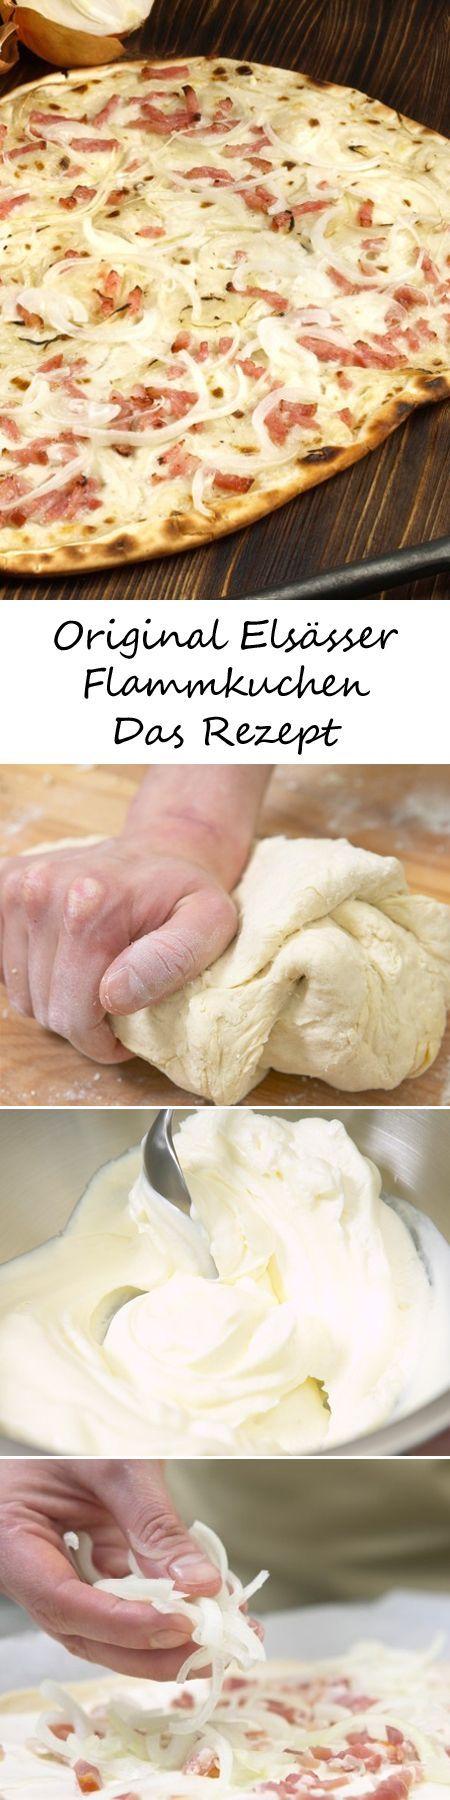 Elsässer Flammkuchen - so geht's Zutaten (8 Personen) 1/2 Würfel (21 g) Hefe, 1 TL Zucker, 600 g Mehl, Salz, 6 EL Öl, 300 g Zwiebeln, 250 g geräucherter durchwachsener Speck, 250 g Schmand, 150 g Crème fraîche, weißer Pfeffer, Backpapier